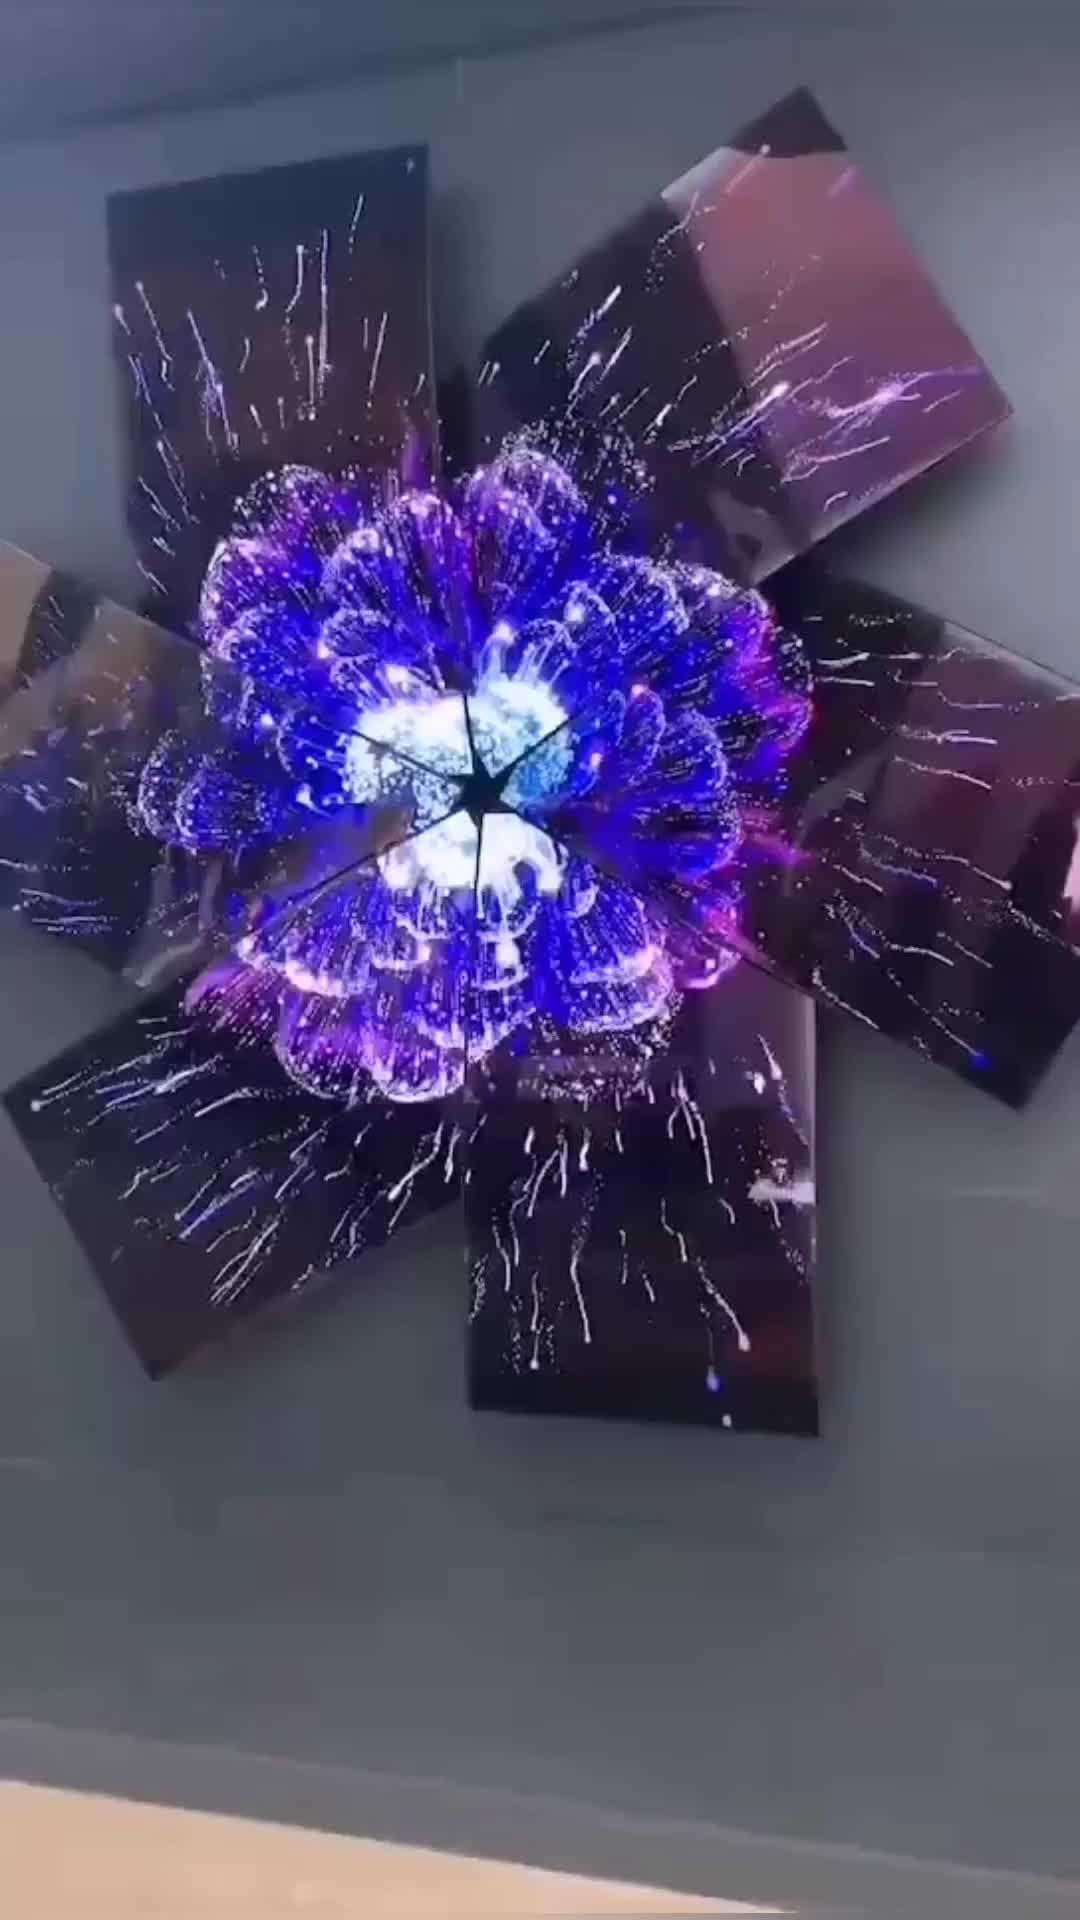 لون كبير 55 بوصة الربط انحناء شاشة عرض OLED مرنة شاشة oled